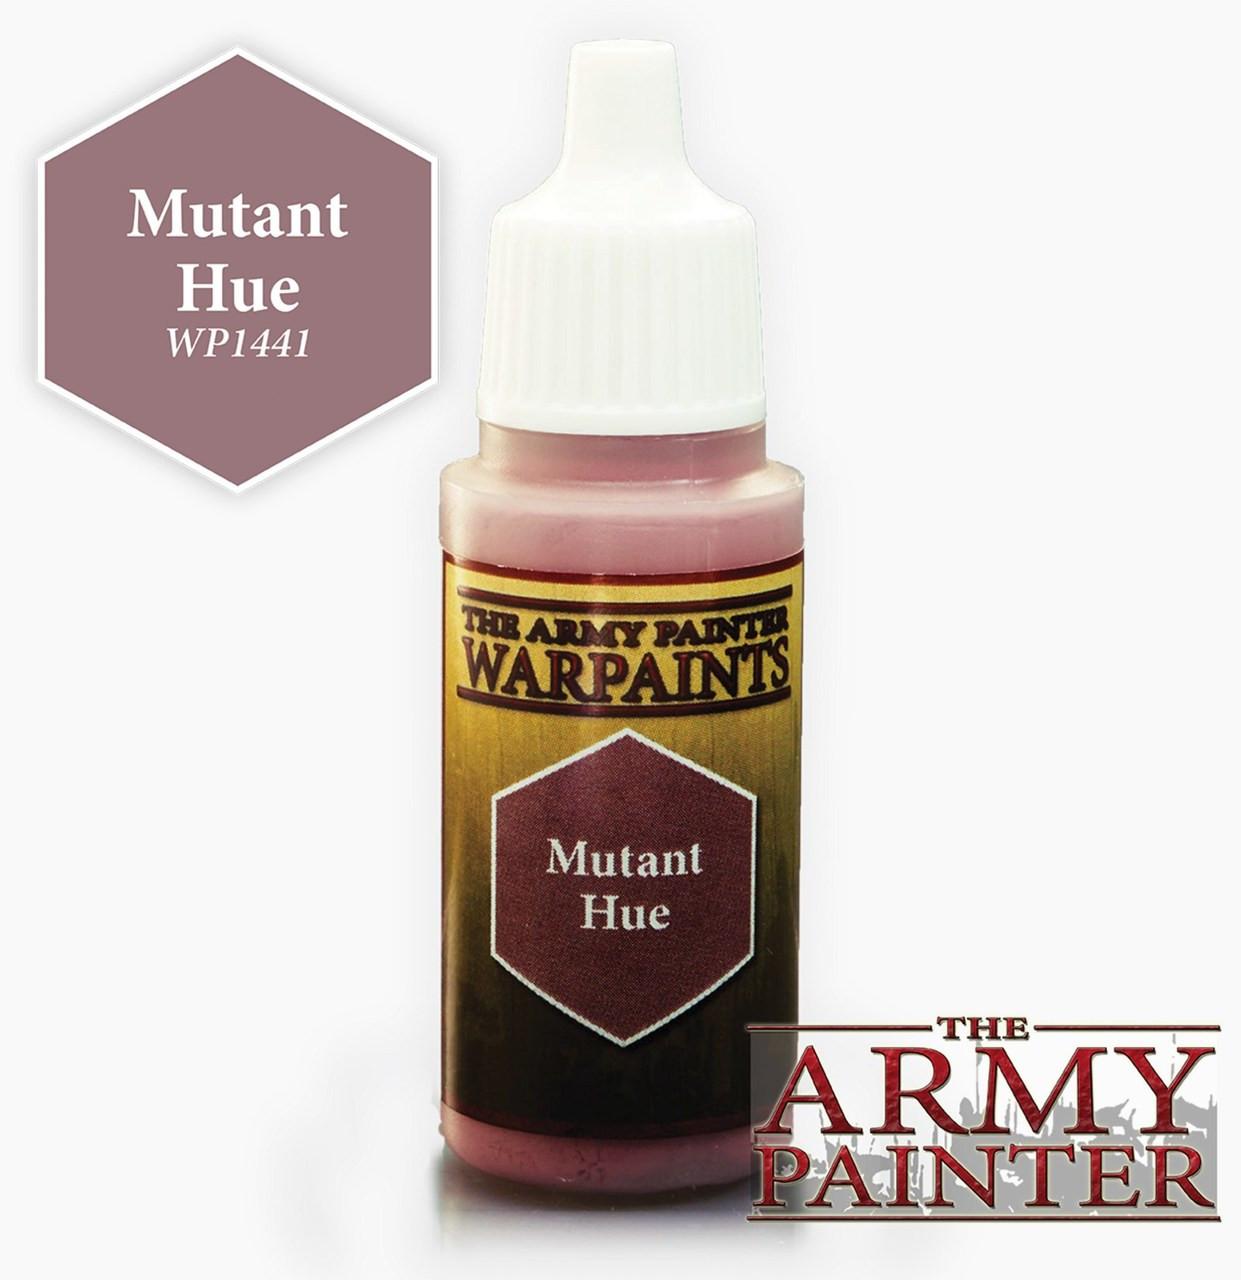 Army Painter: Warpaints Mutant Hue 18ml